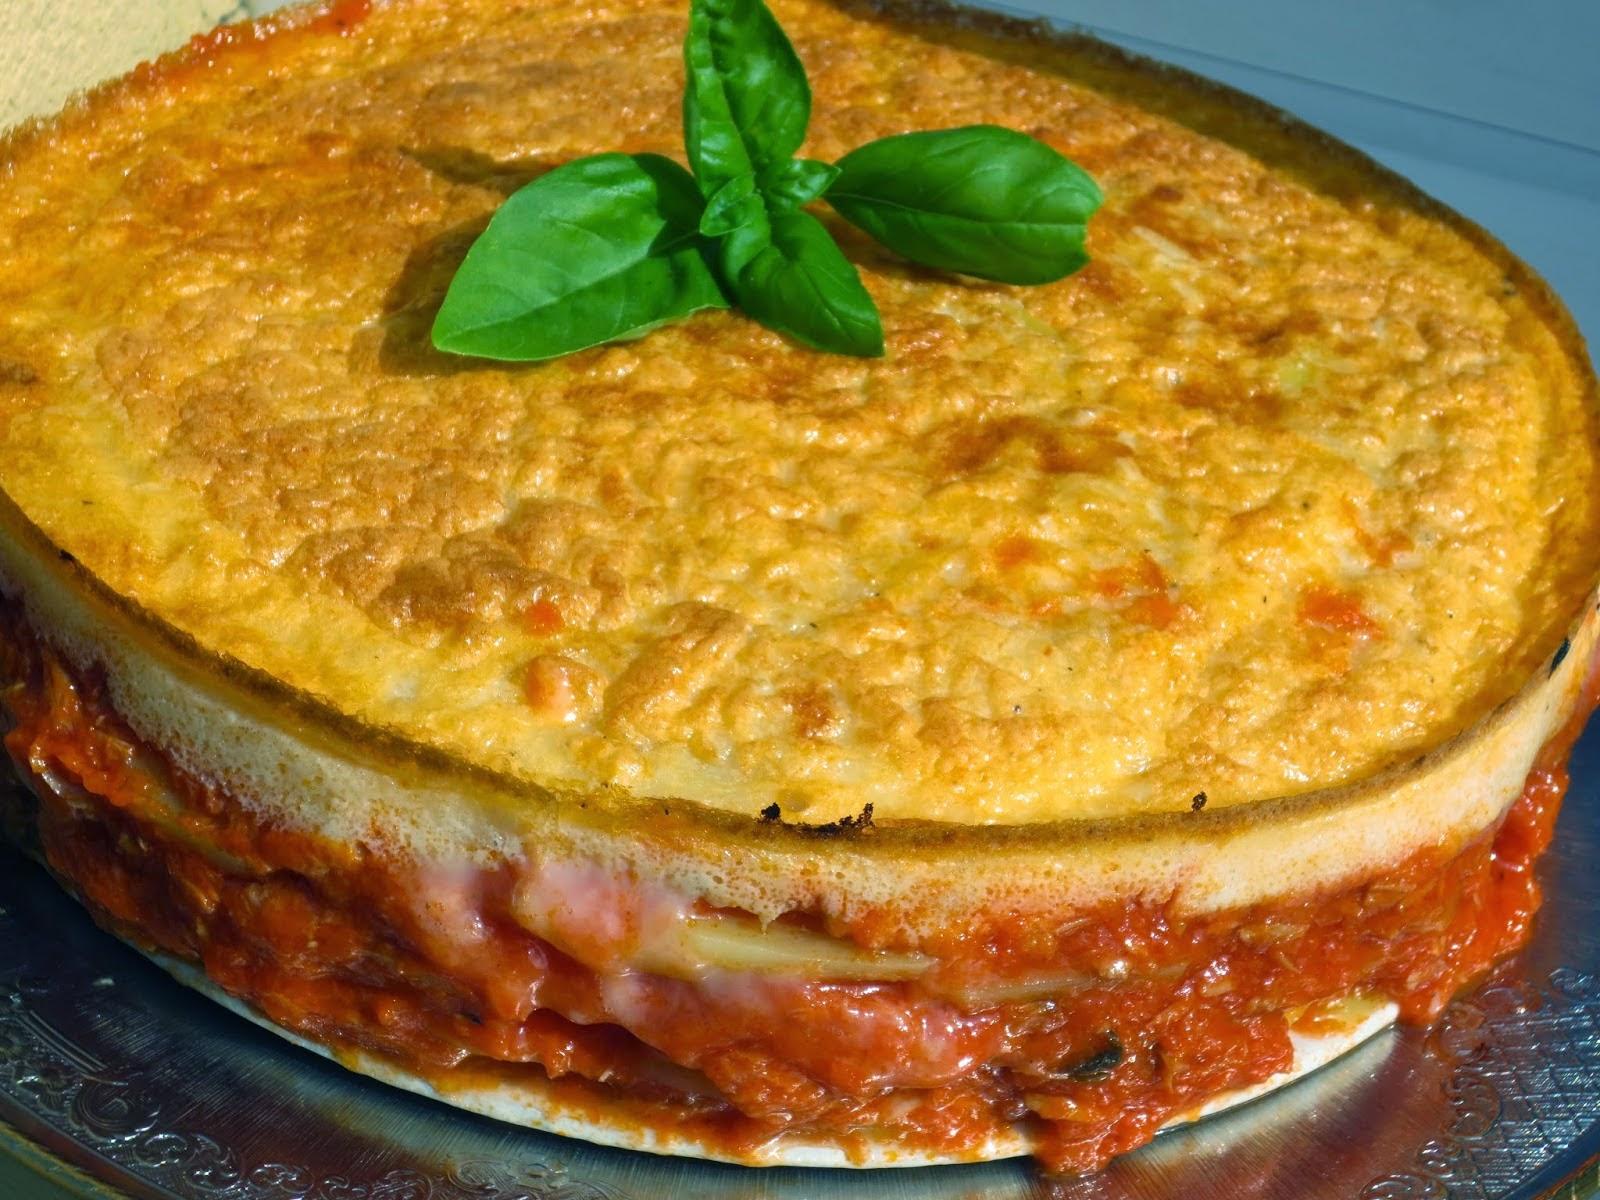 Blog con recetas sencillas r pidas y econ micas de cocina tradicional realizadas por ana sevilla - Ana cocina facil ...